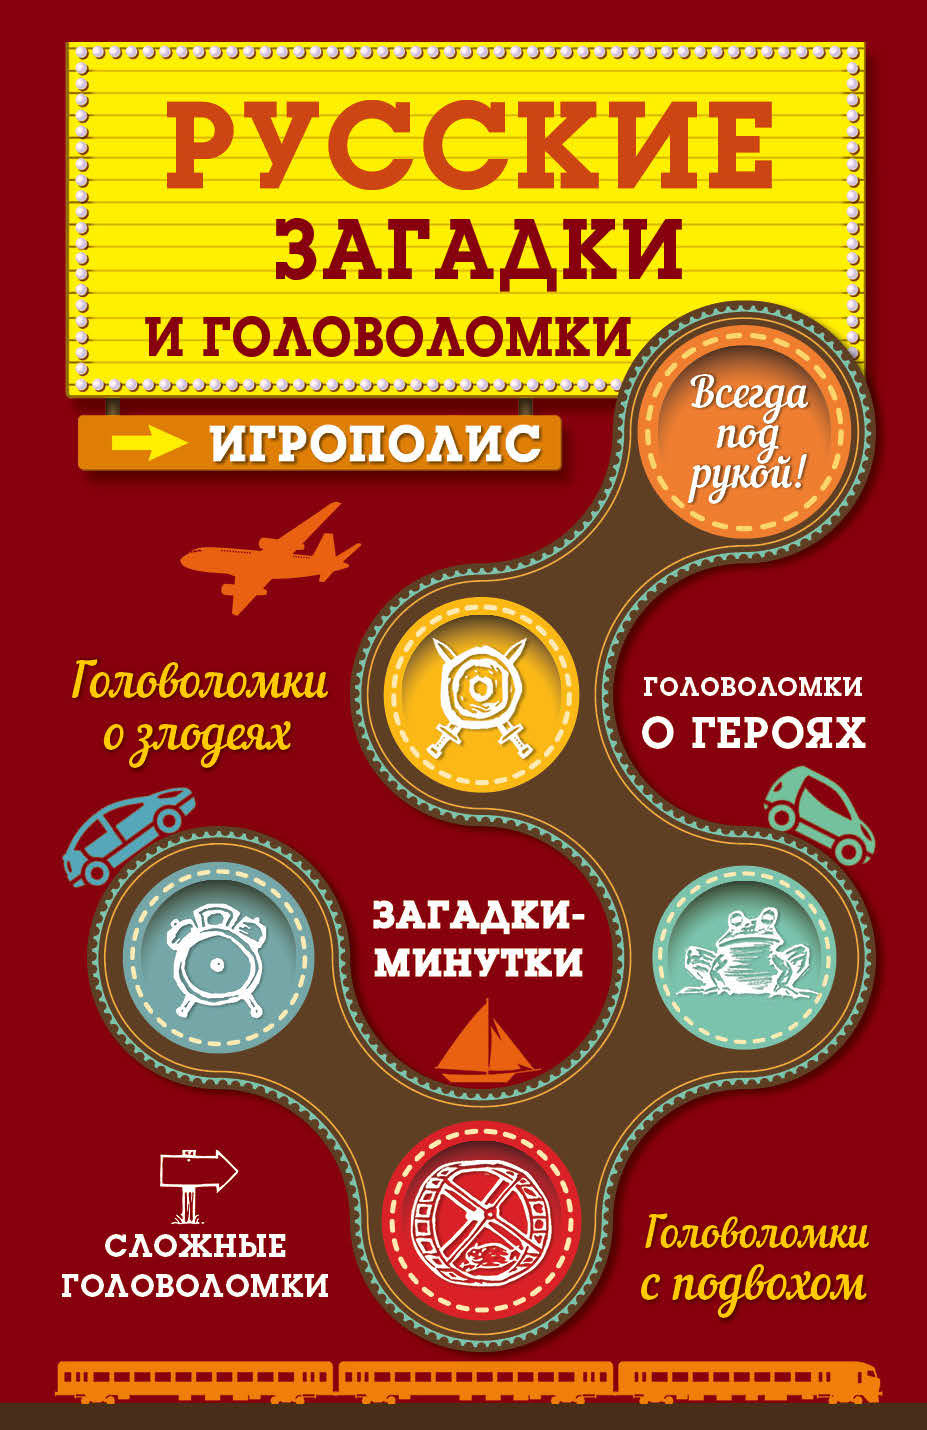 робсон к загадки головоломки такие разные животные Отсутствует Русские загадки и головоломки